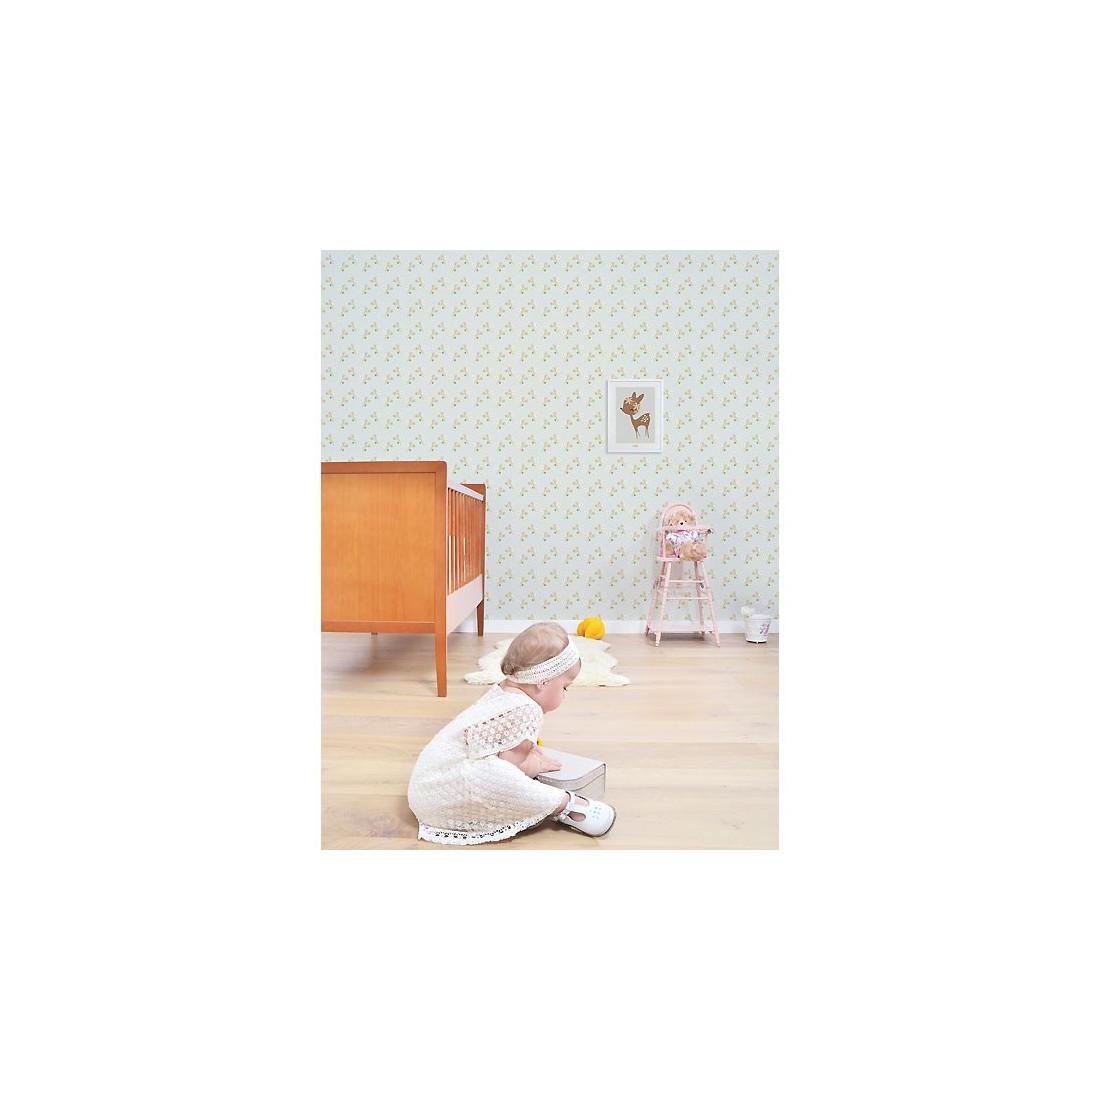 tableau enfant affiche encadree faon et fleurs ma chambramoi With affiche chambre bébé avec couronne fleurs enterrement